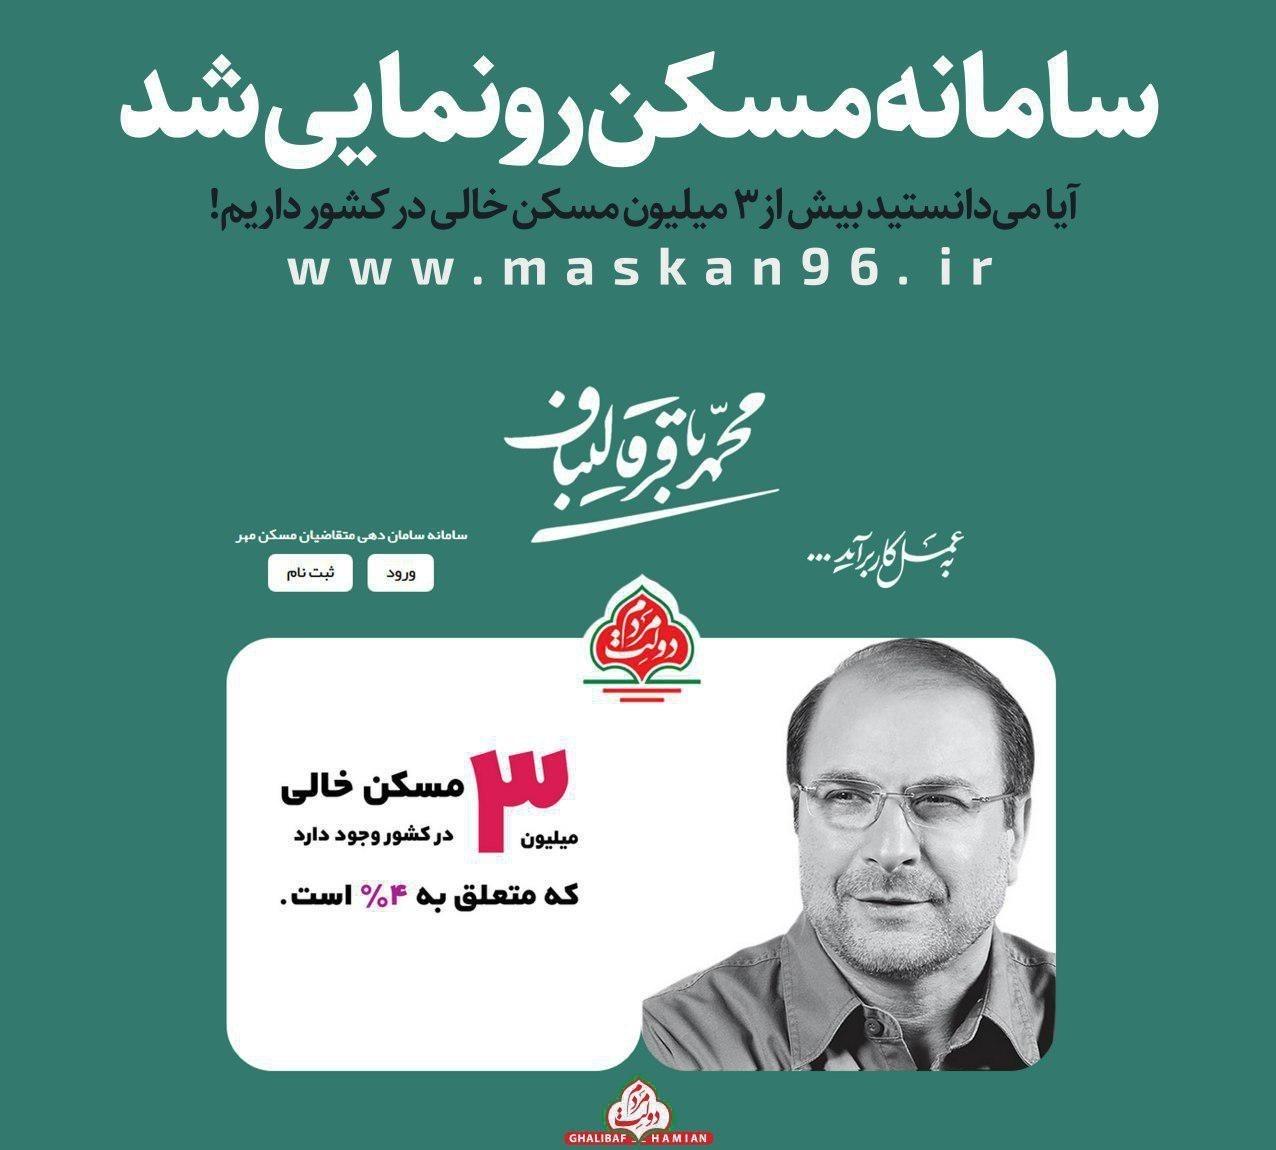 قالیباف سایت مسکن مهر را جایگزین سایت کاریابی کرد